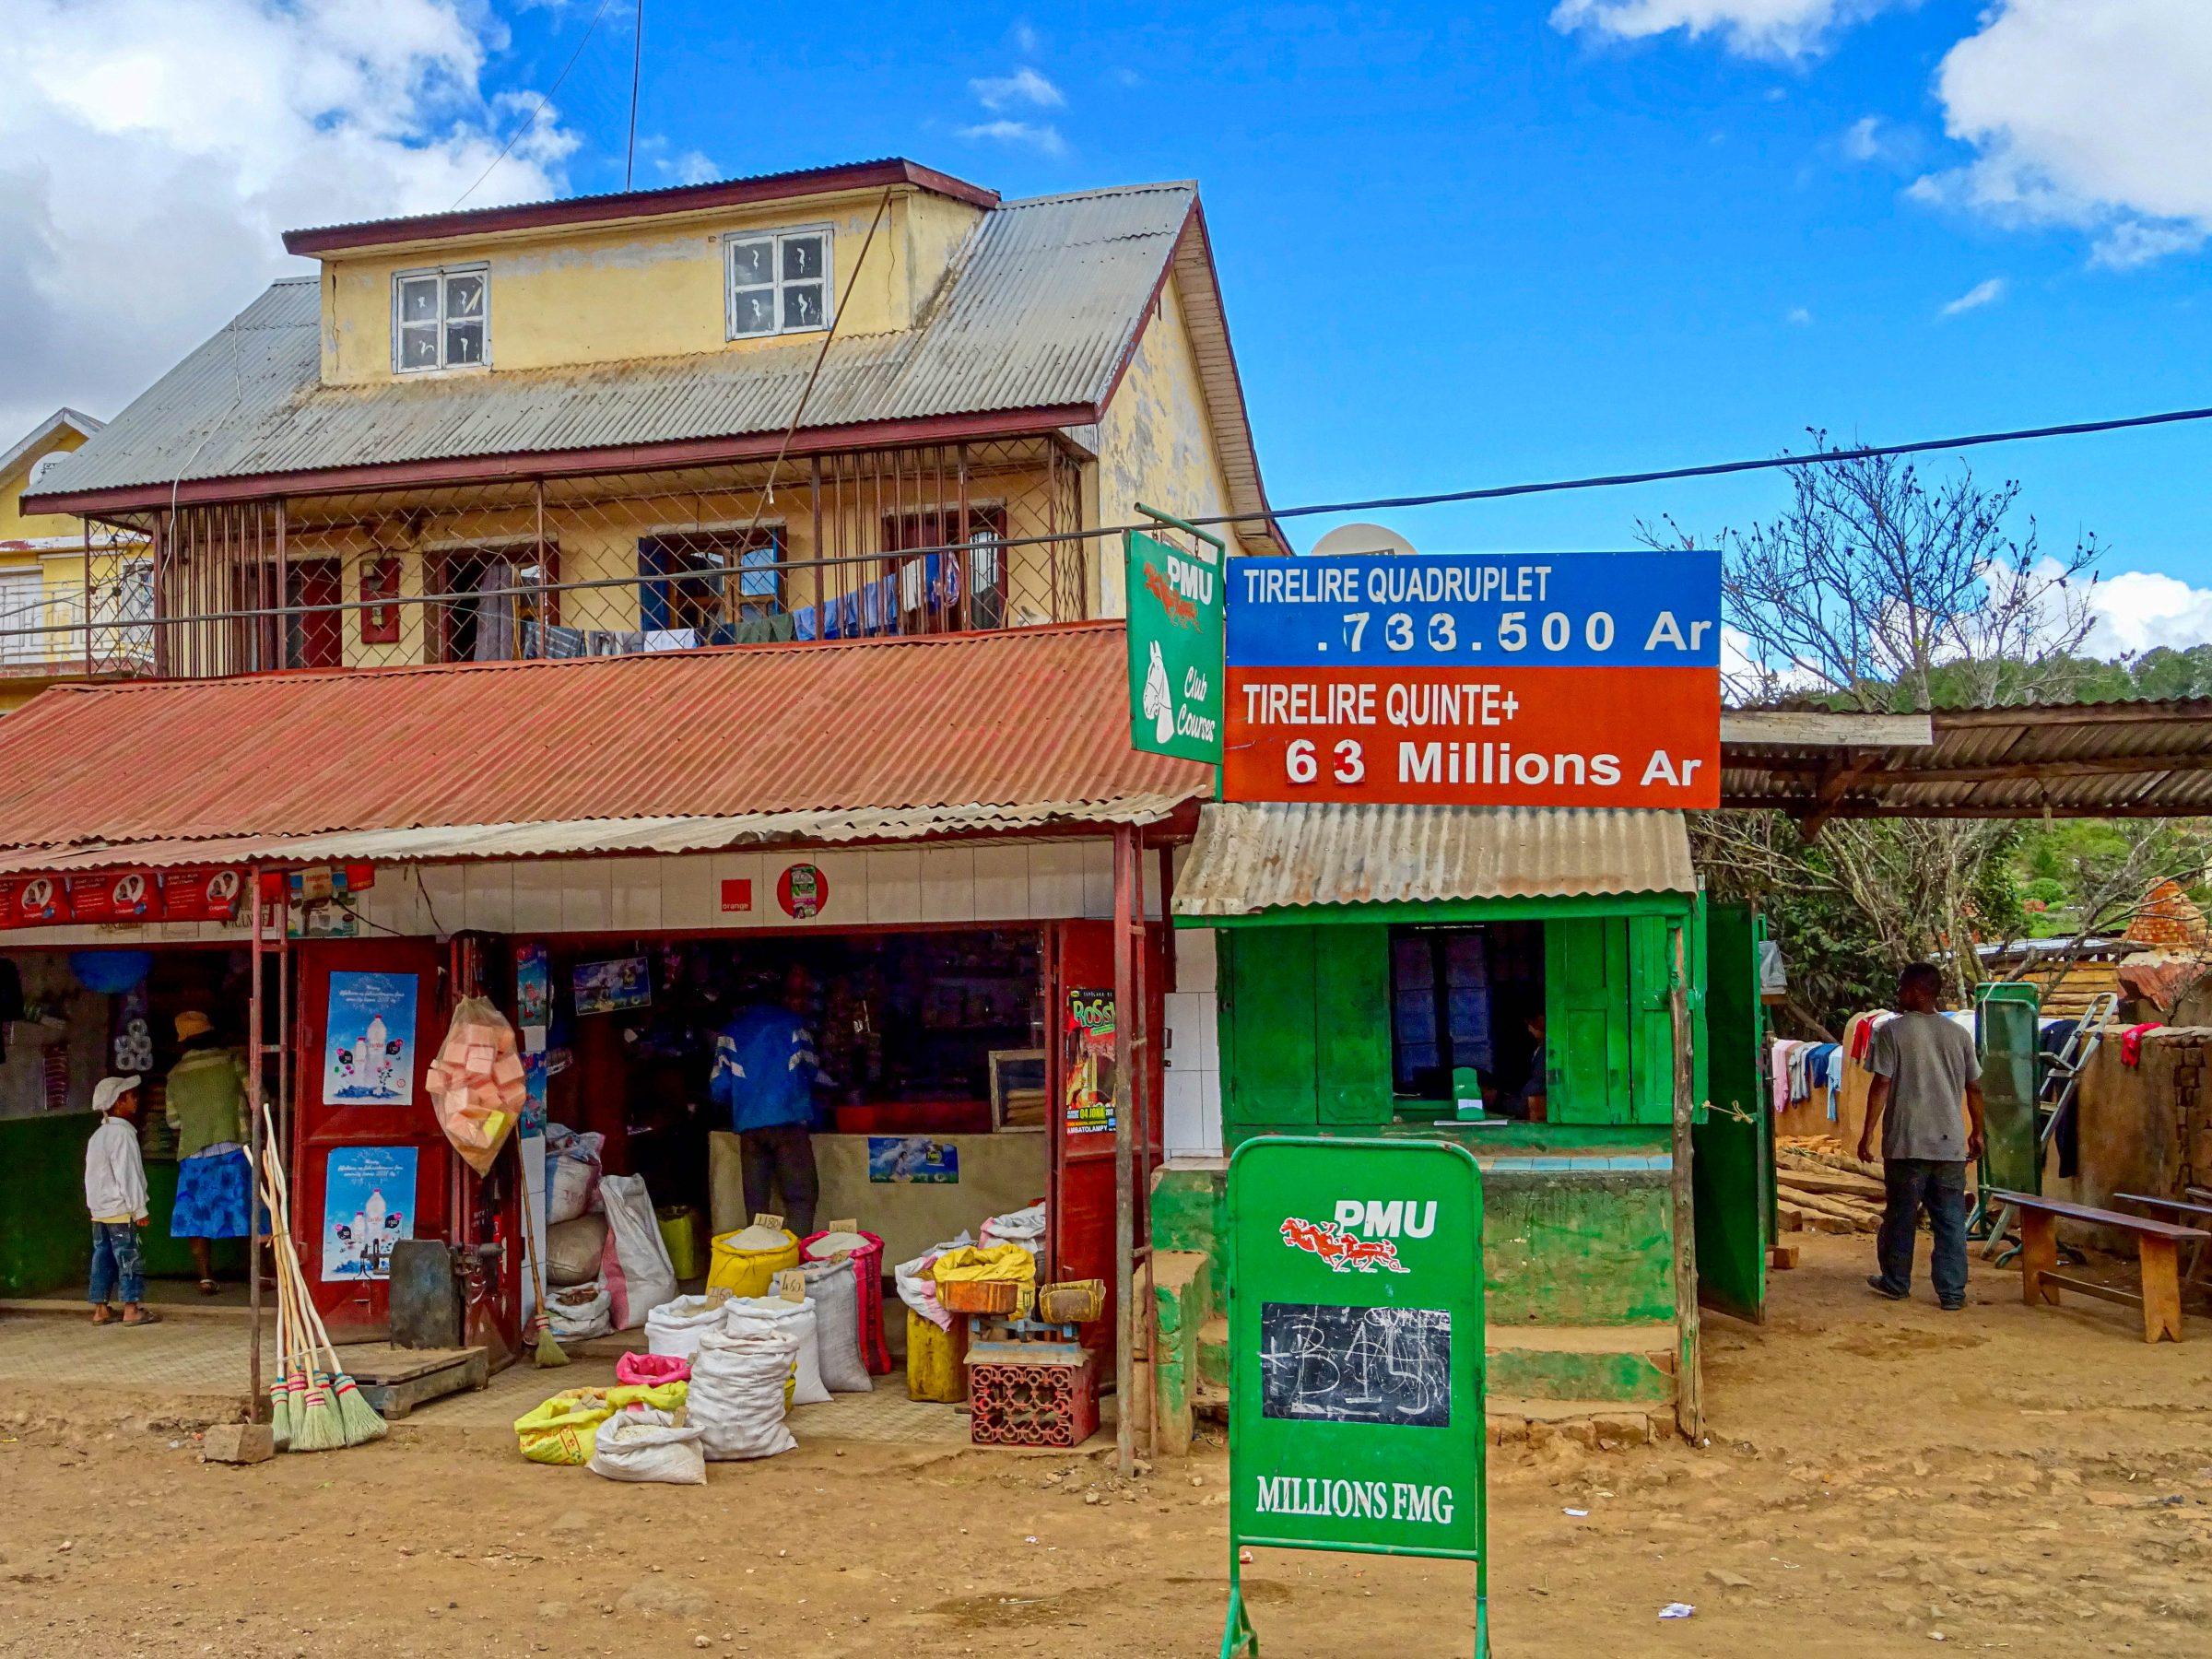 De Tirelire oftewel jackpot staat op 63 miljoen